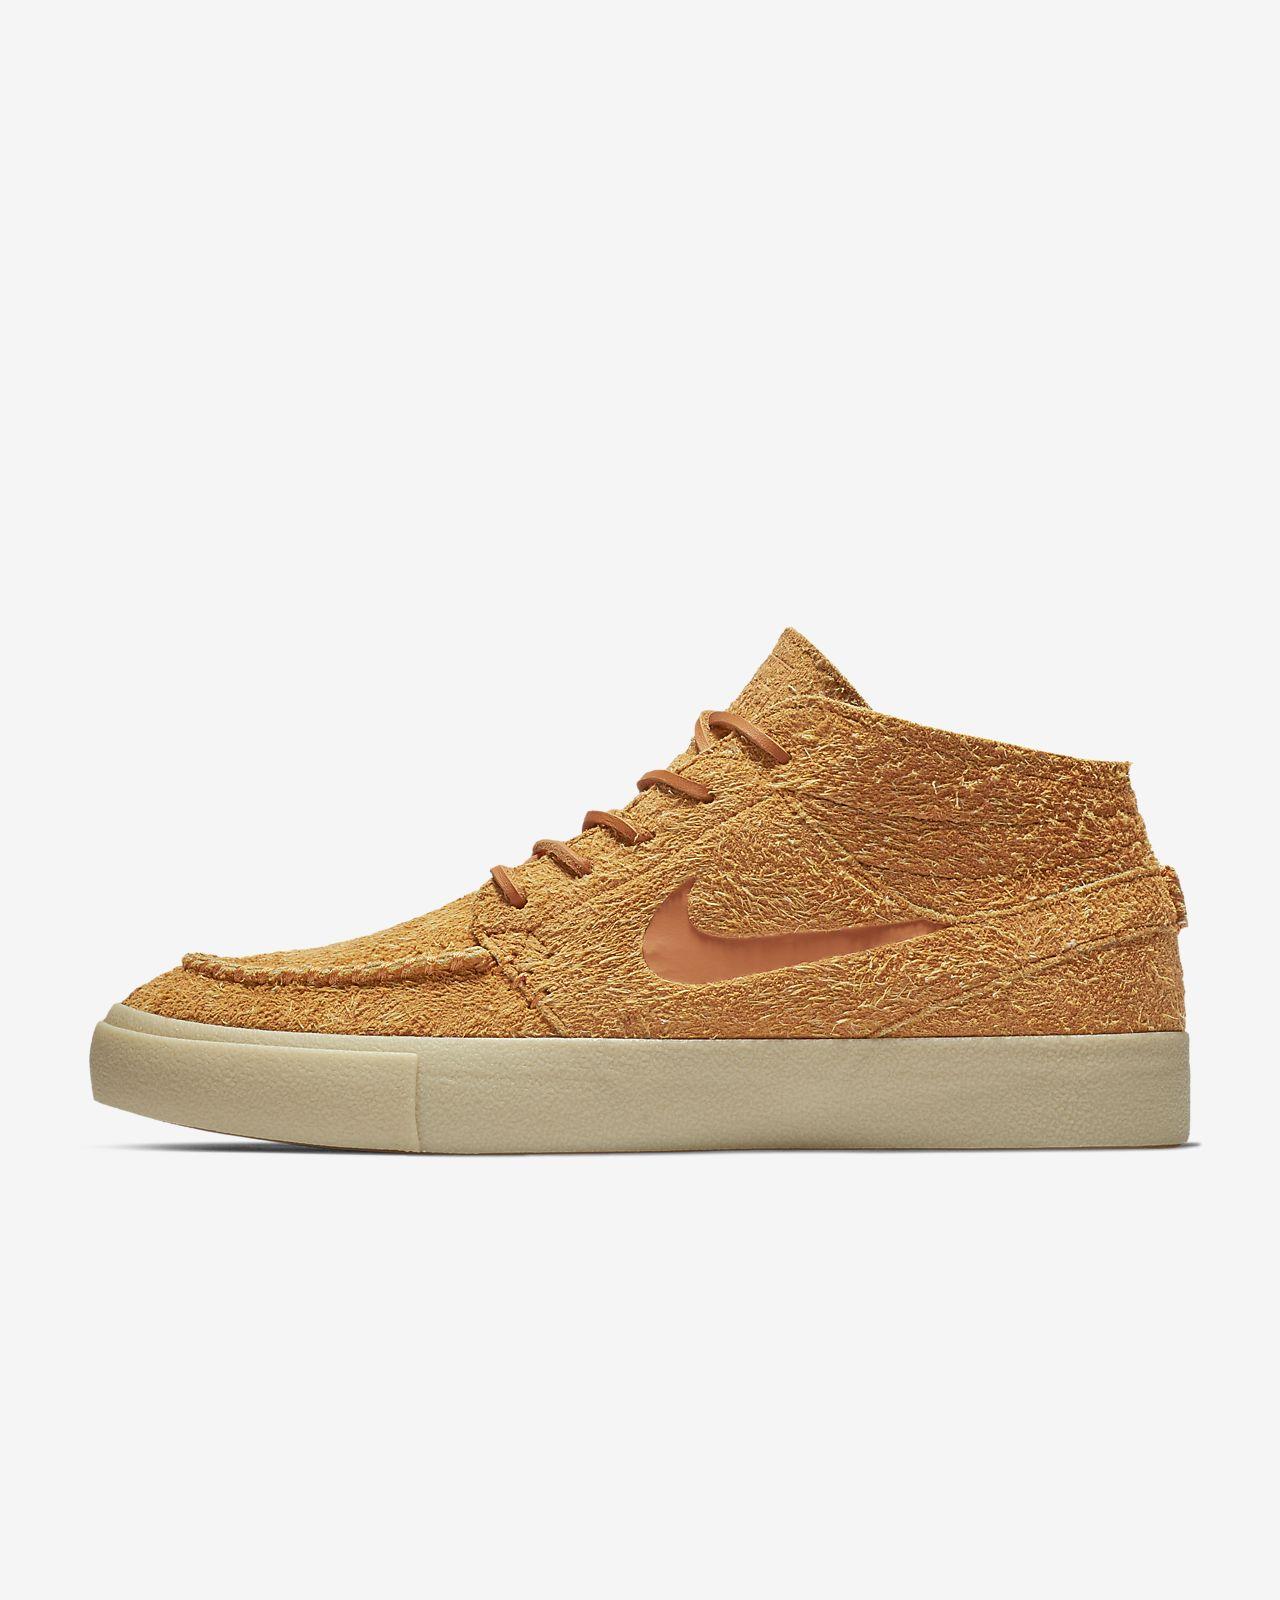 najlepsze podejście świetna jakość całkiem tania Męskie buty do skateboardingu Nike SB Zoom Stefan Janoski Mid Crafted